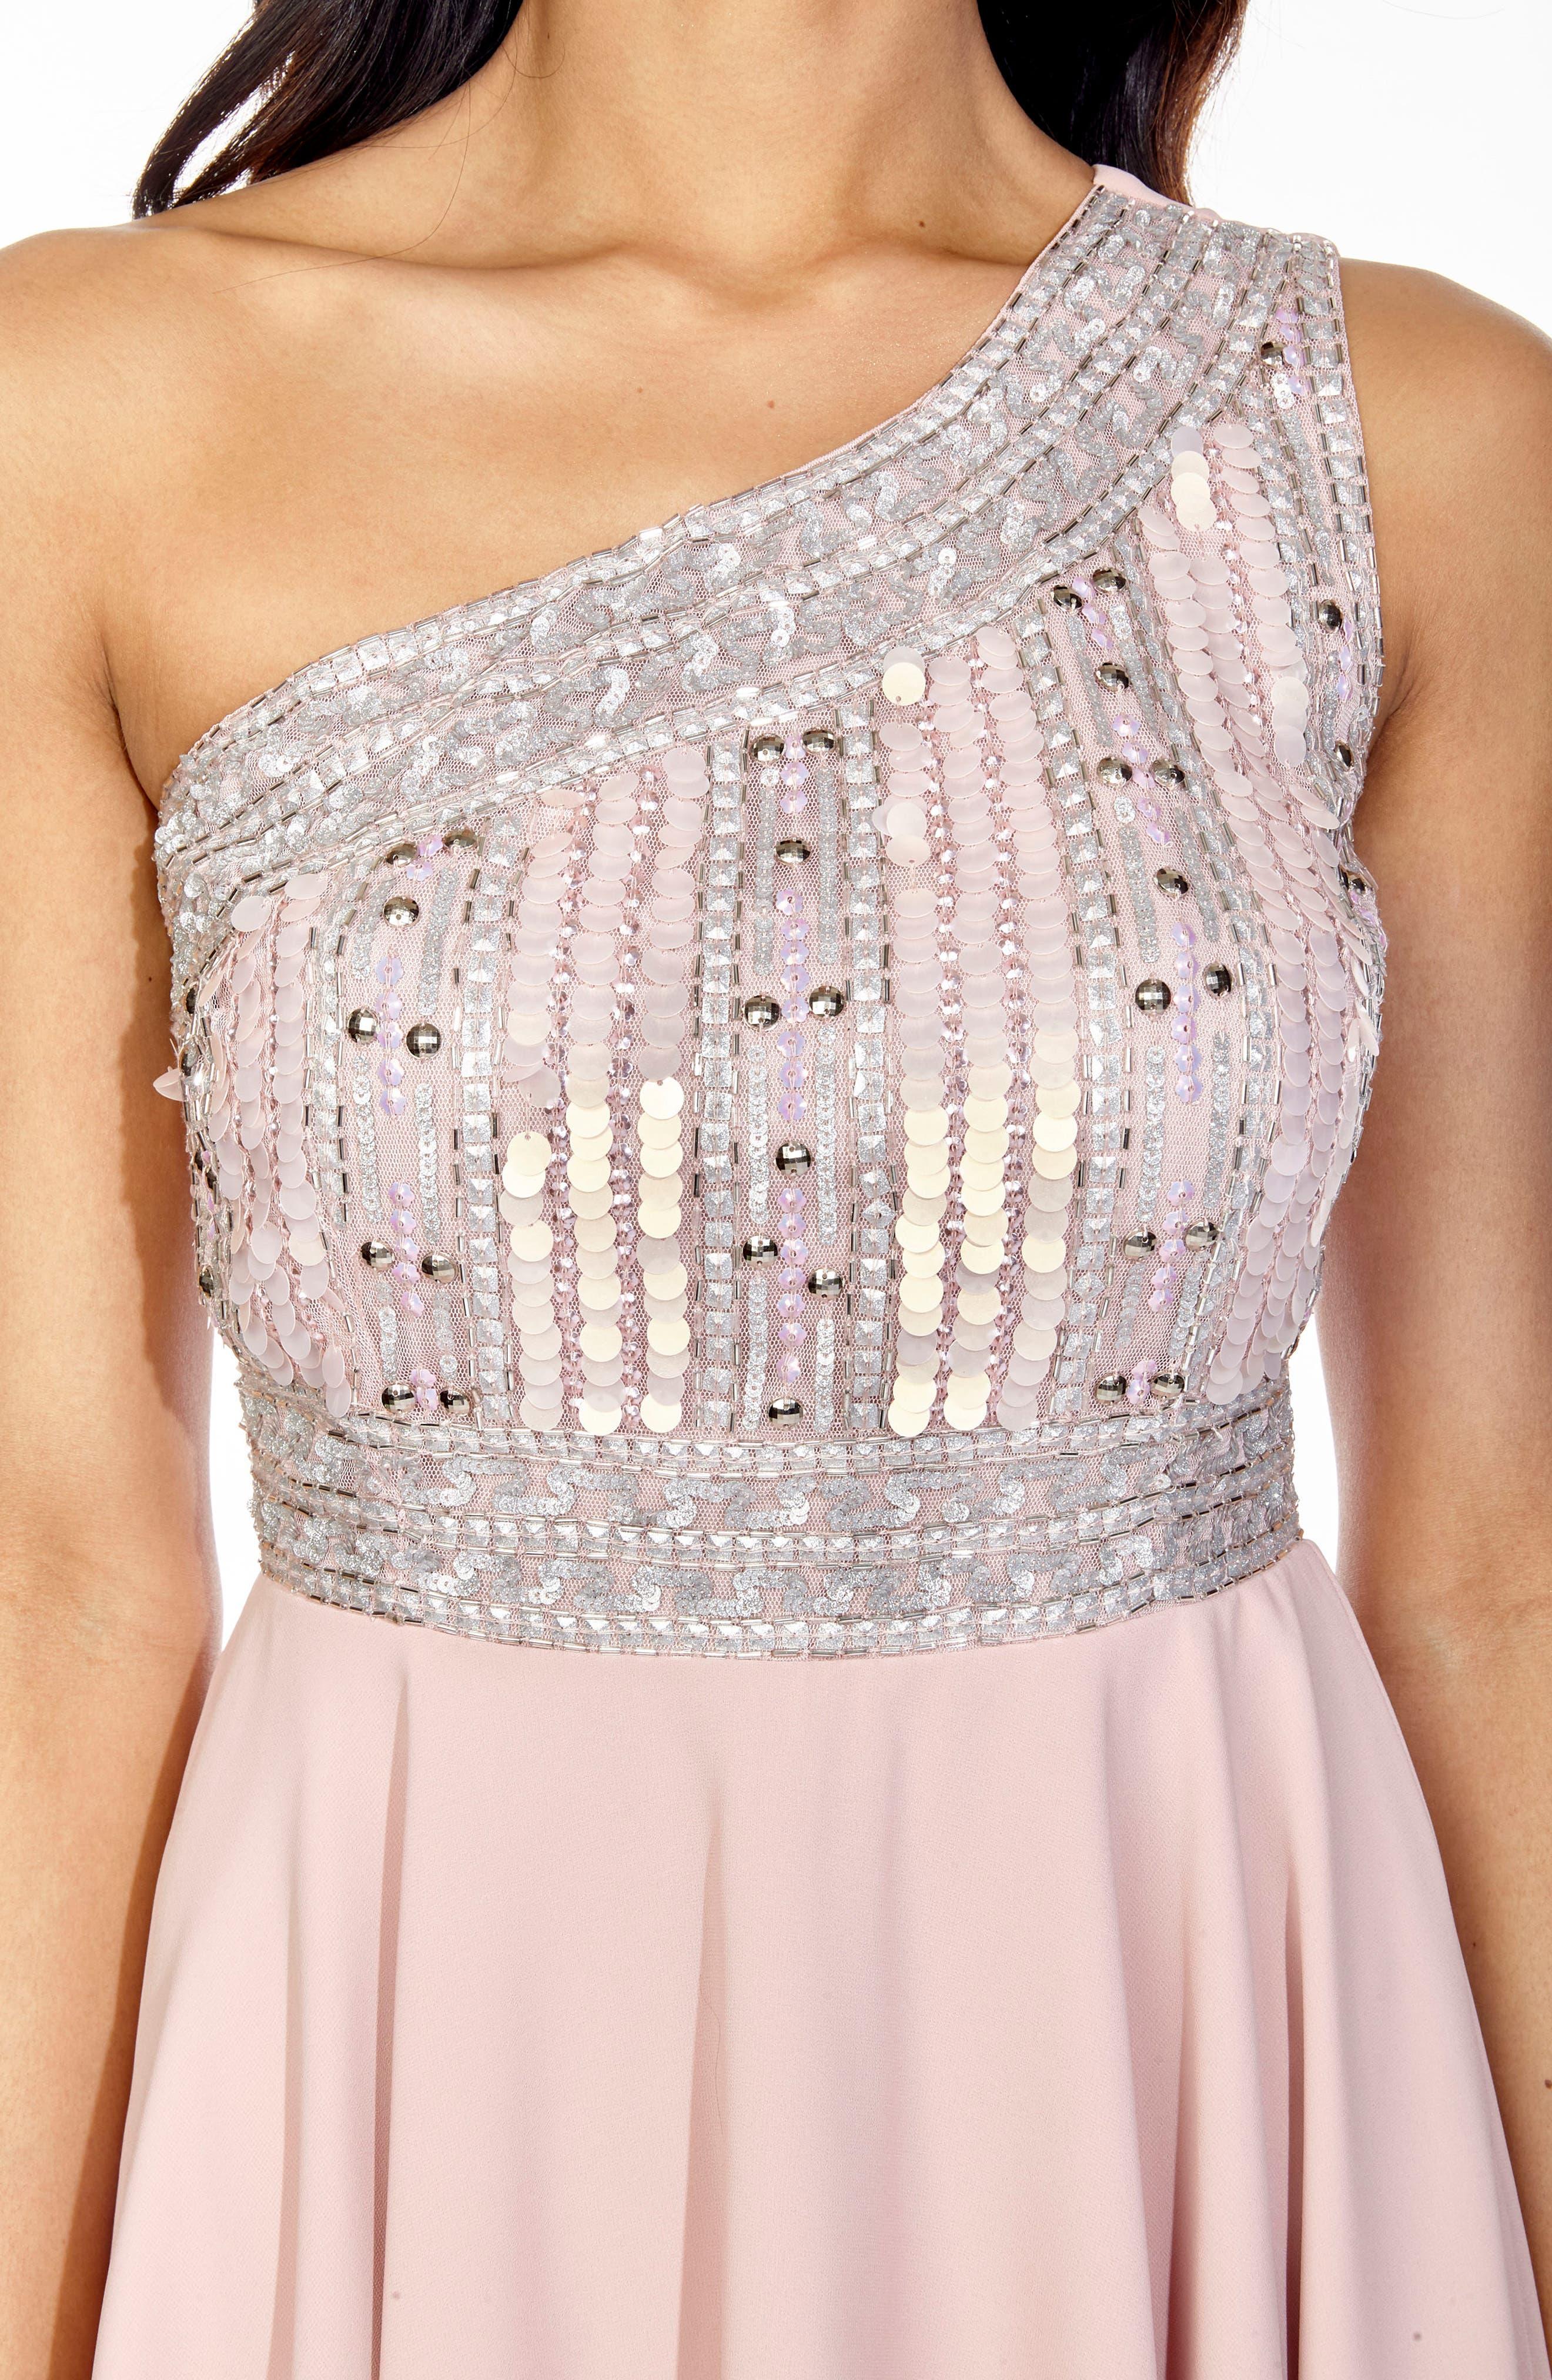 Althea Embellished One-Shoulder Dress,                             Alternate thumbnail 4, color,                             Pink